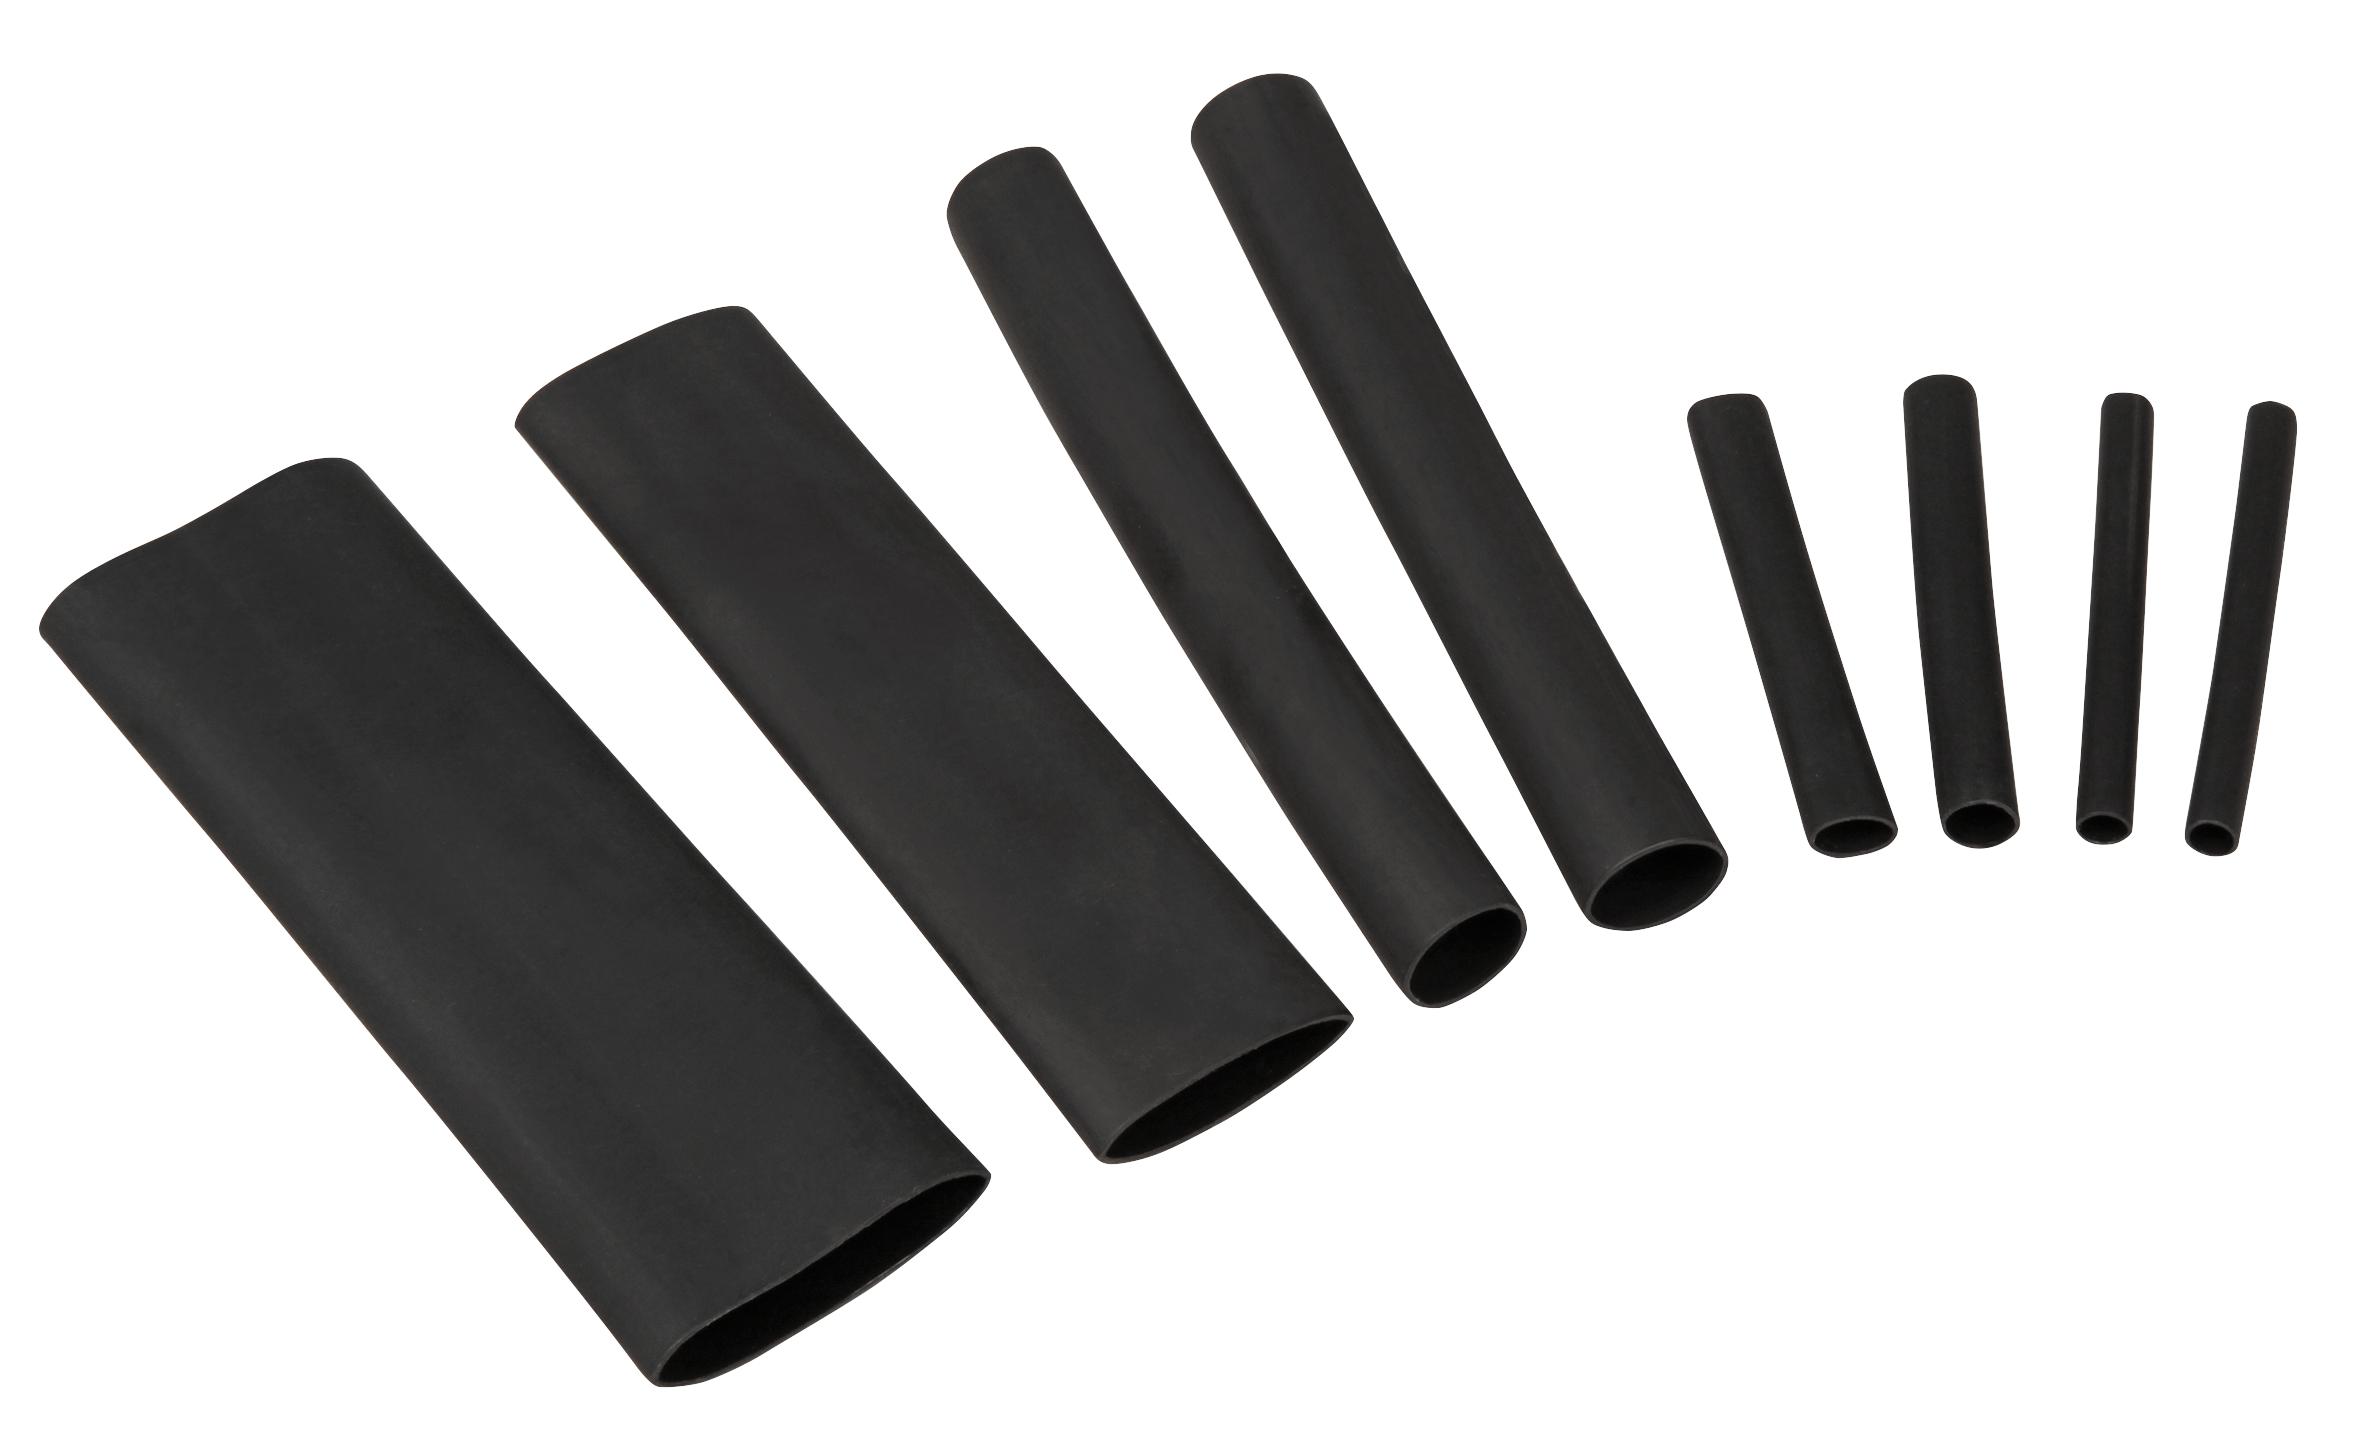 Schrumpfschlauch-Set McPower, 142-teilig in Sortimentsbox, klebend, schwarz